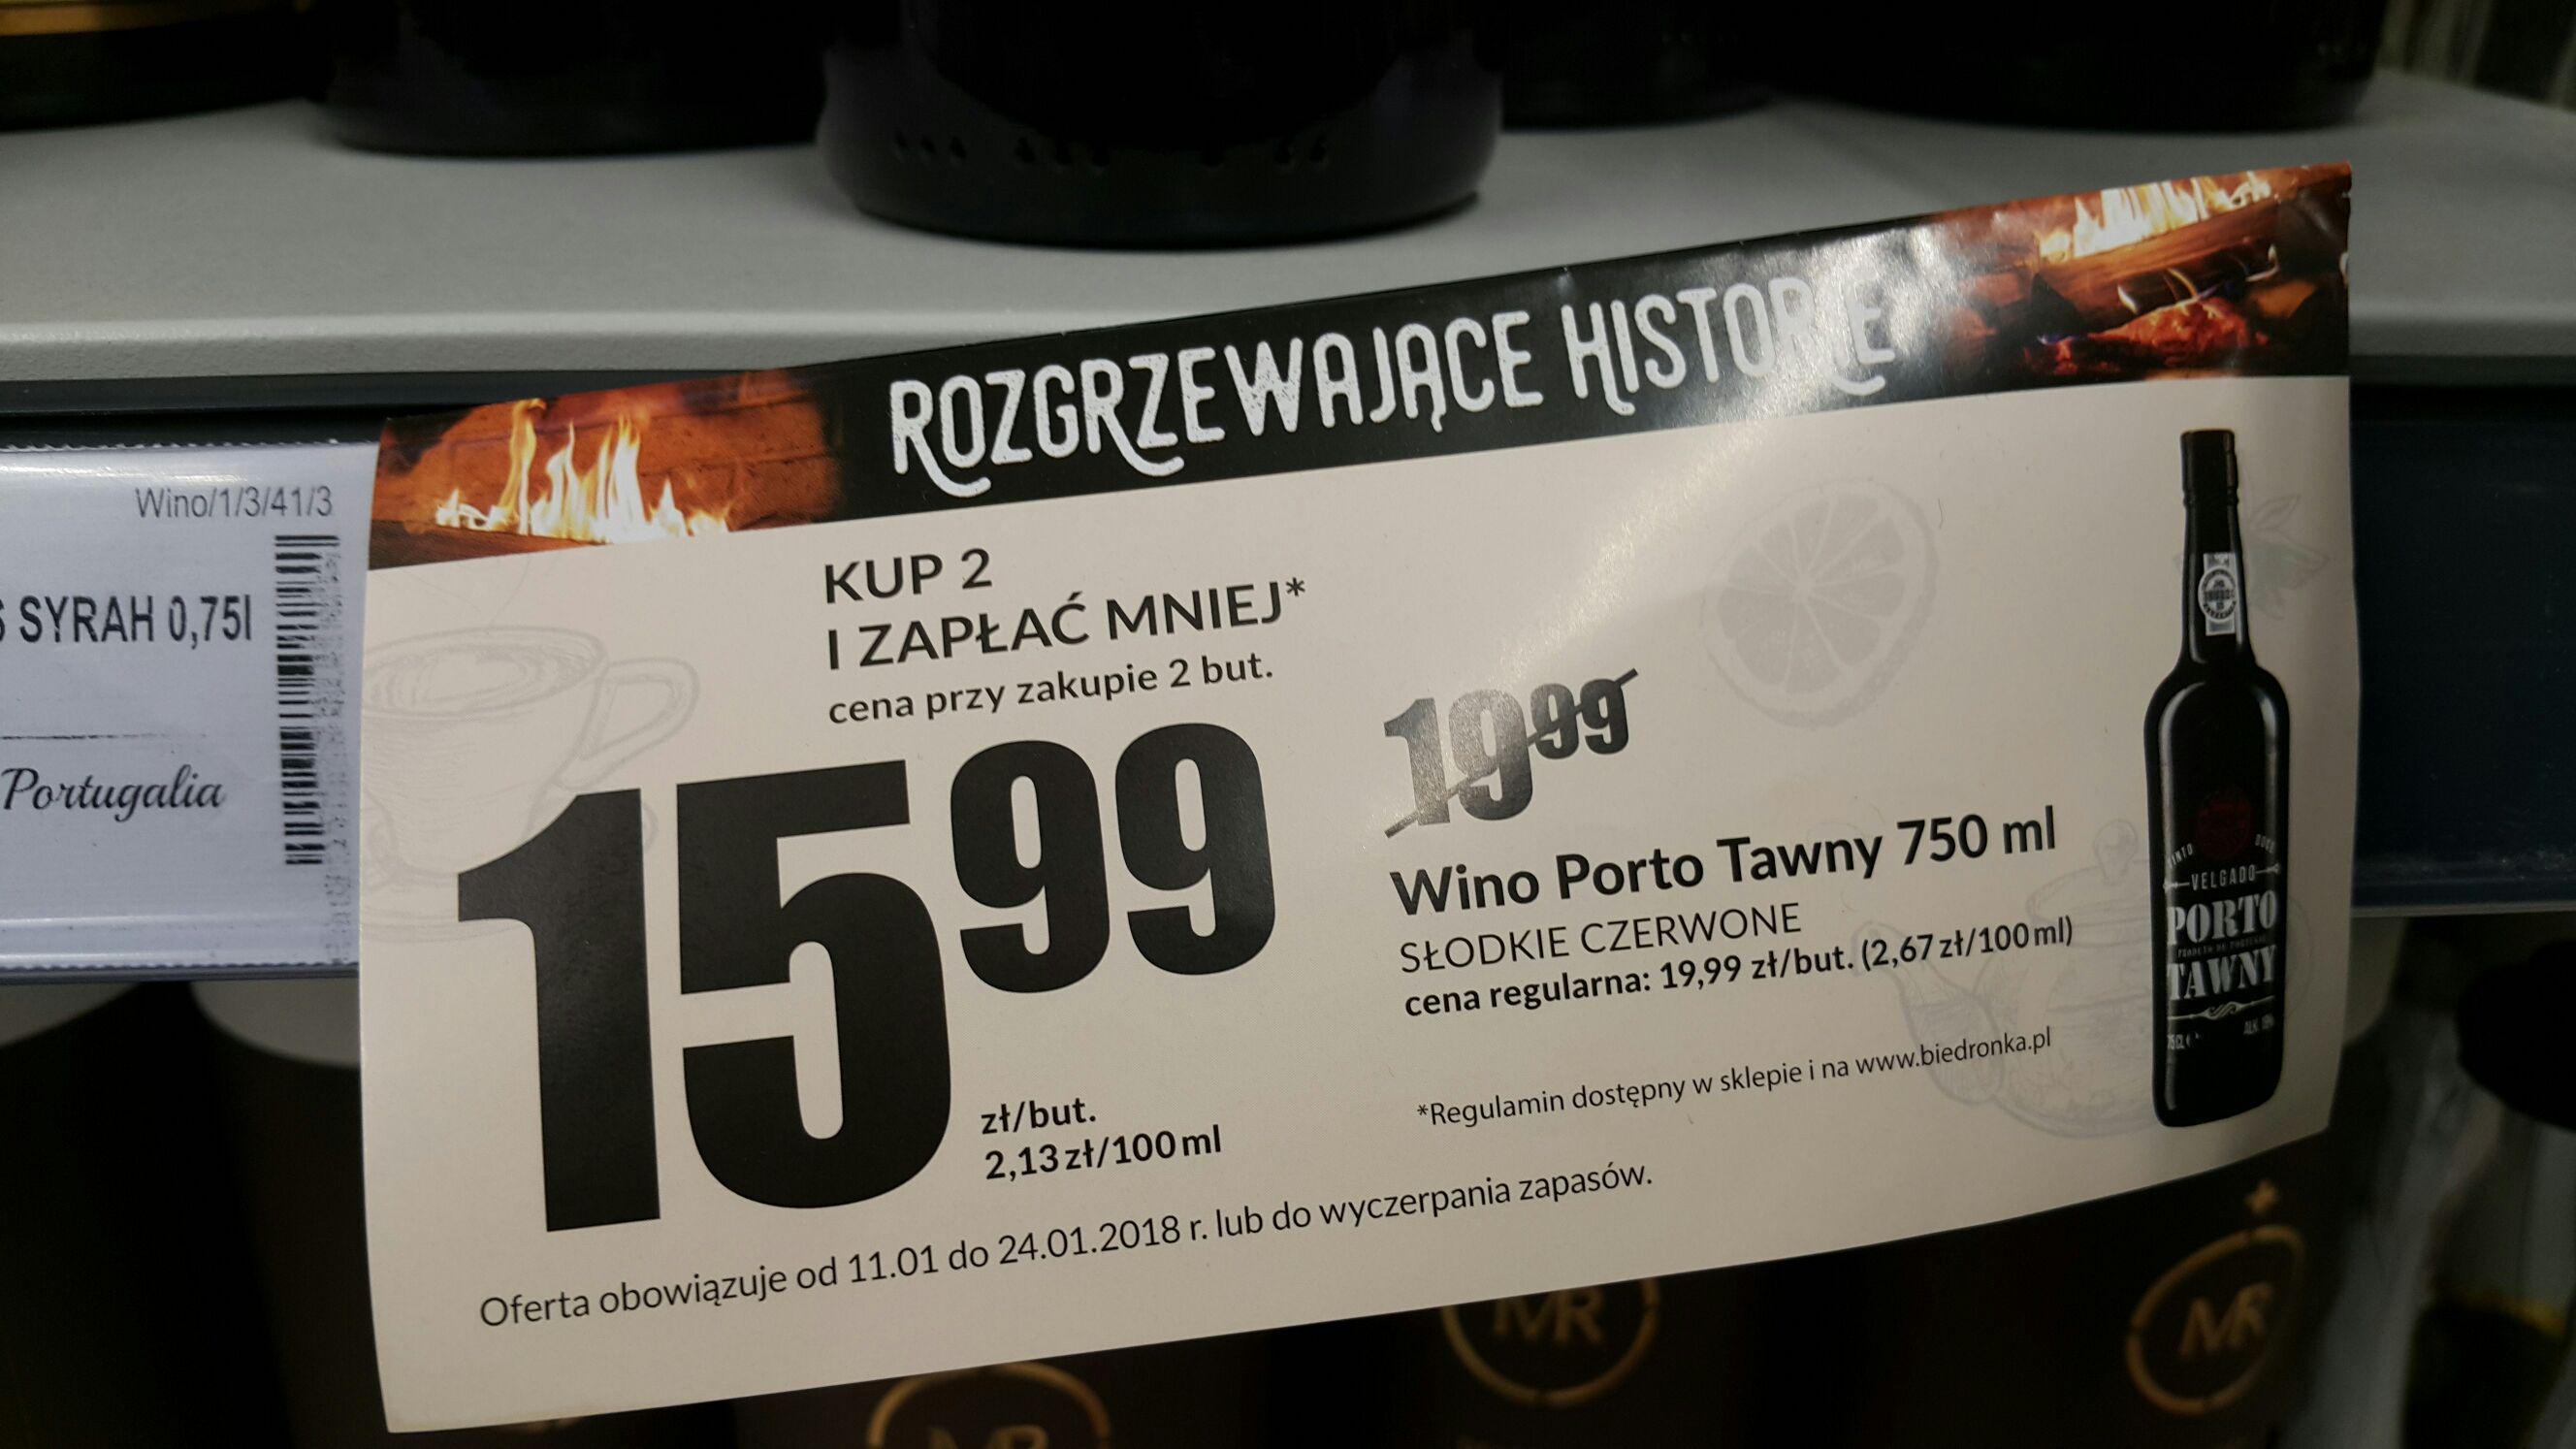 Porto Tawny w Biedronce, 15,99zl zamiast 19,99zl przy zakupie dwóch butelek